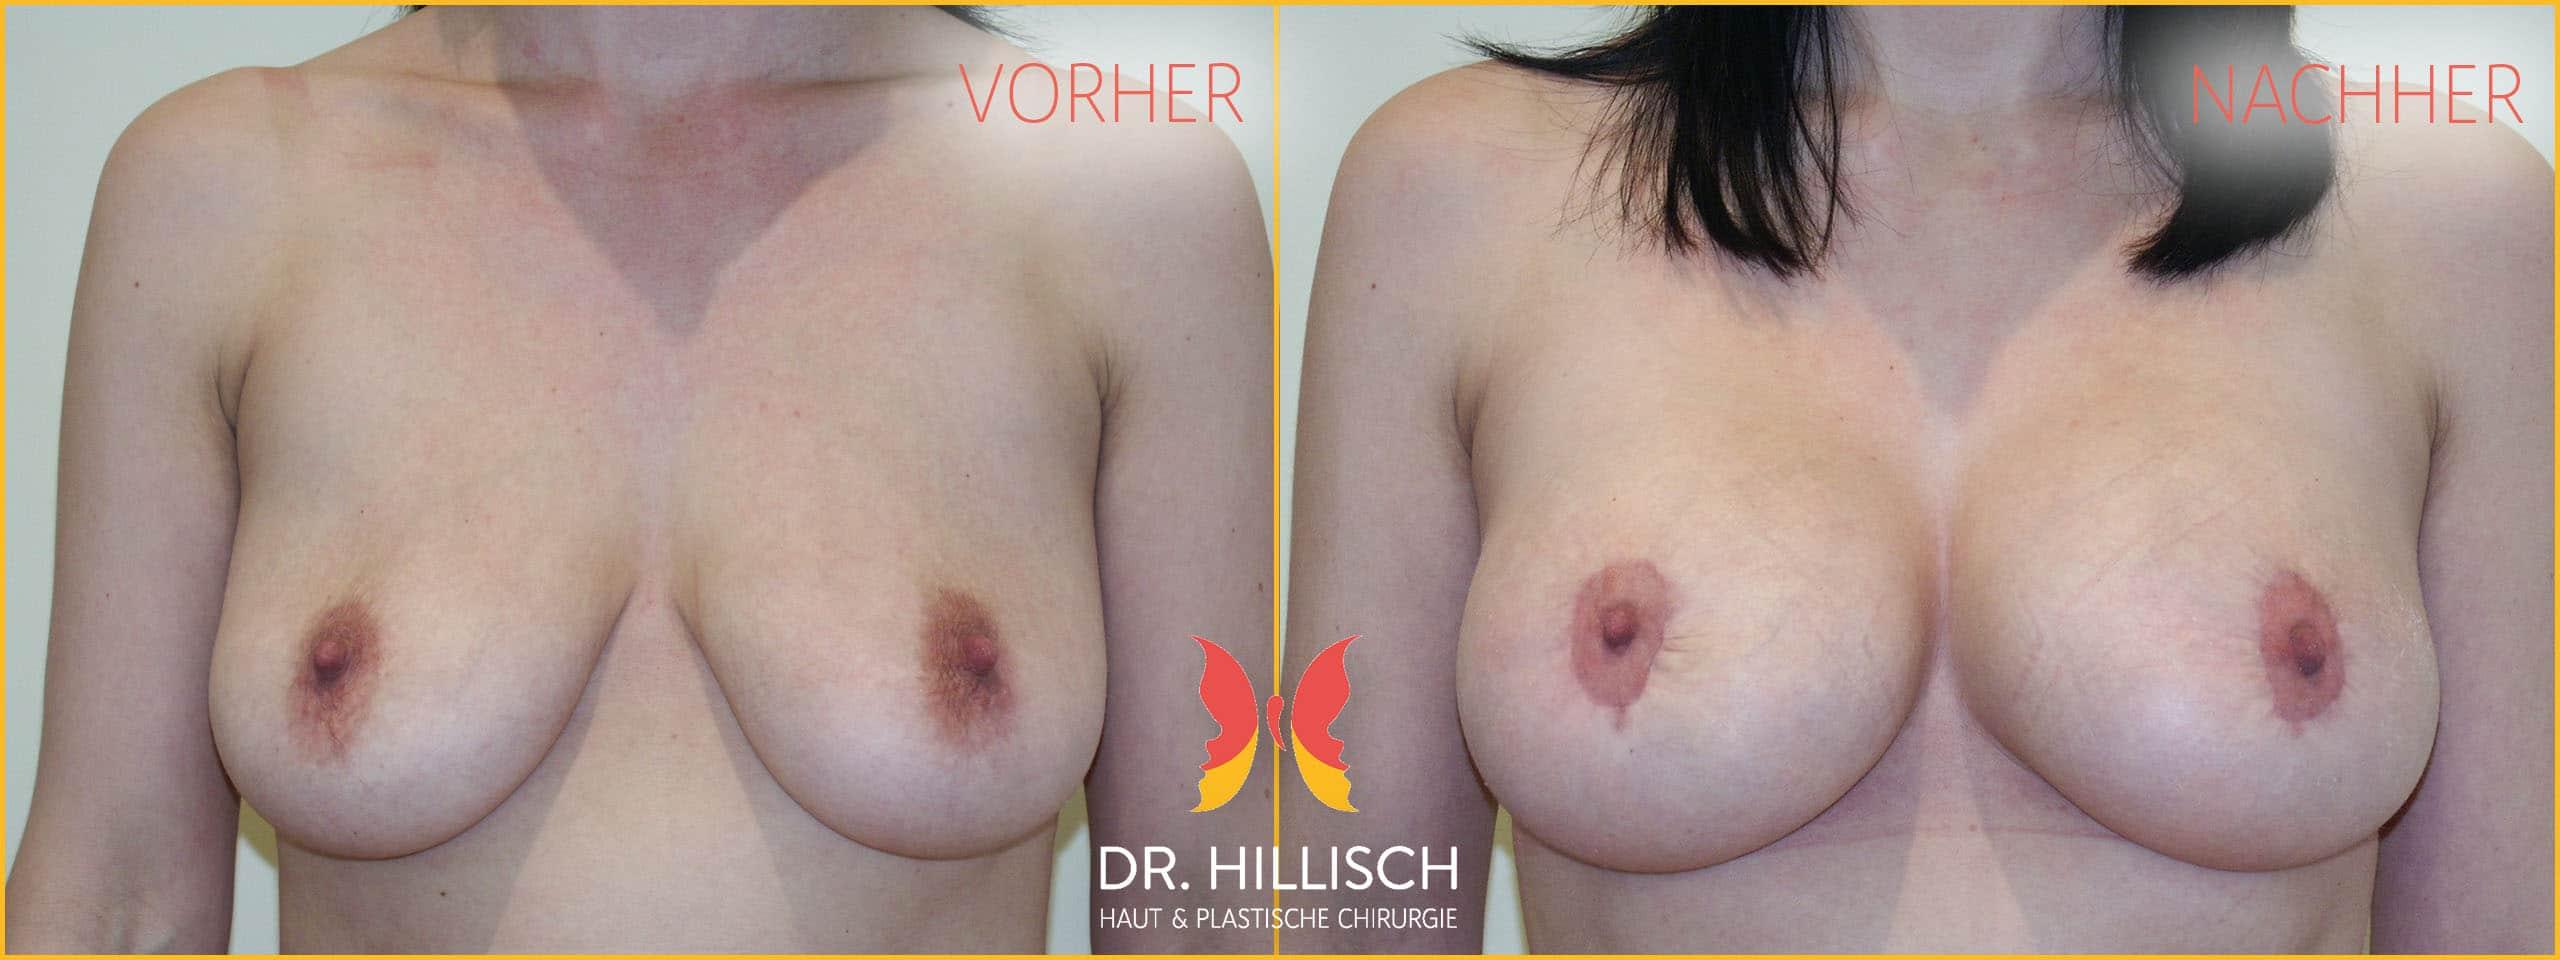 Brust Vorher Nachher Patient 015